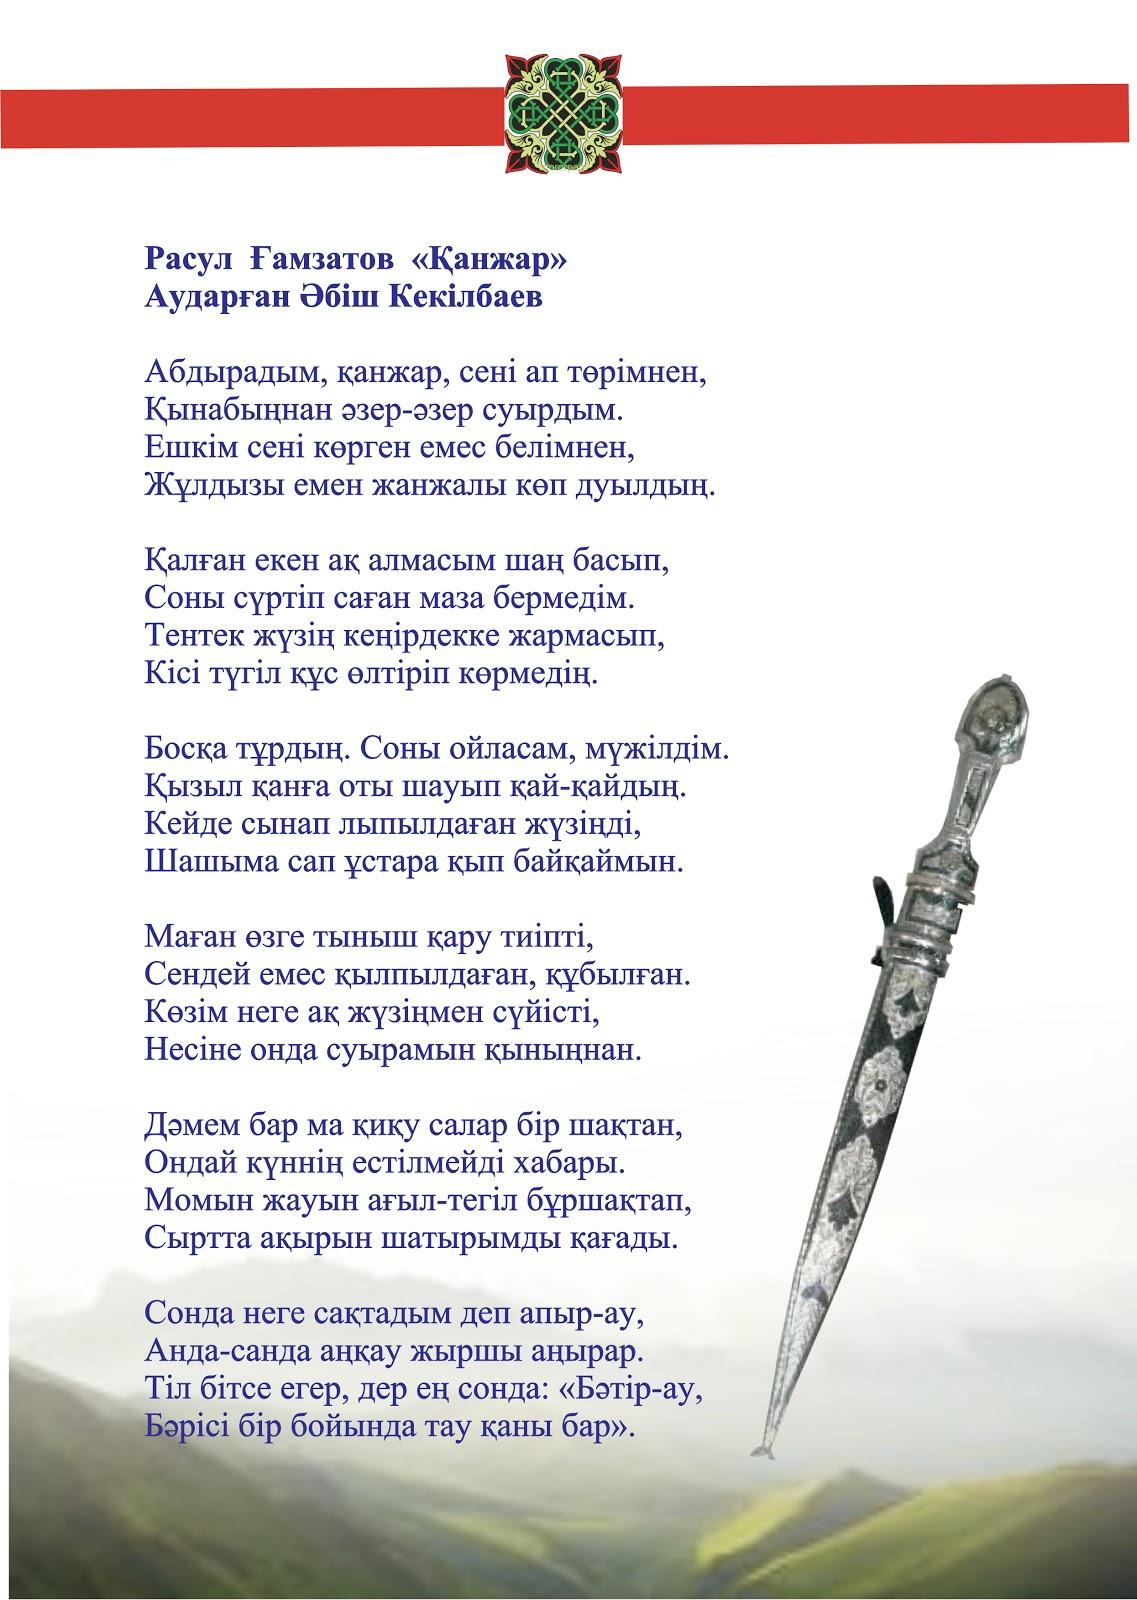 На казахском языке поздравление другу с днем рождения